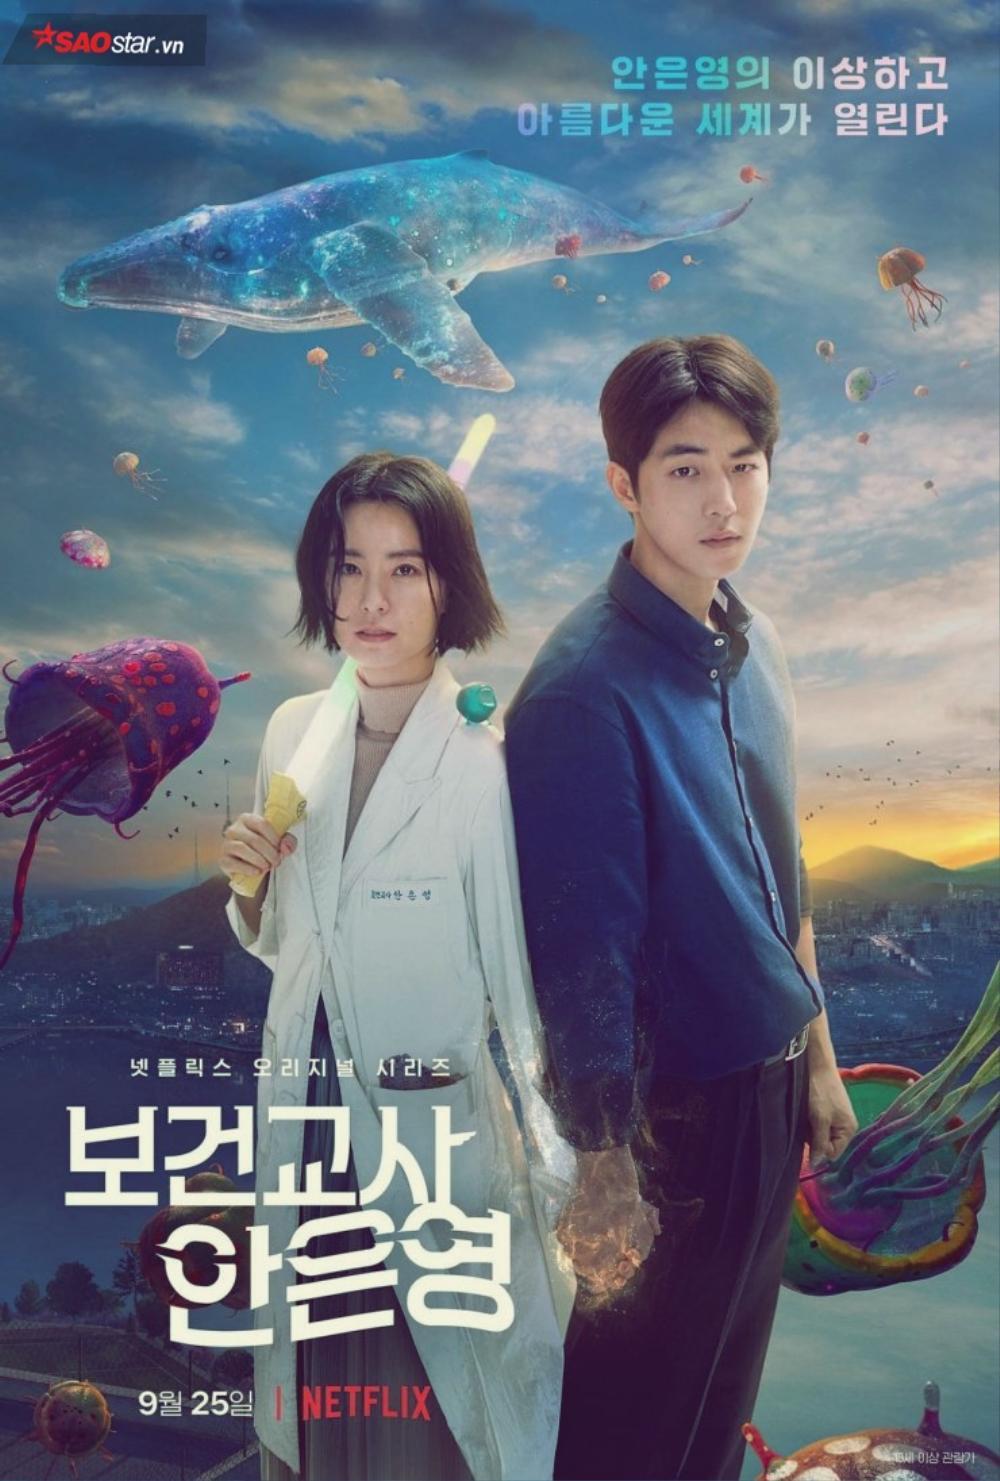 Phim truyền hình Hàn Quốc cuối tháng 9: Đa dạng thể loại nhưng nội dung không mới mẻ Ảnh 10